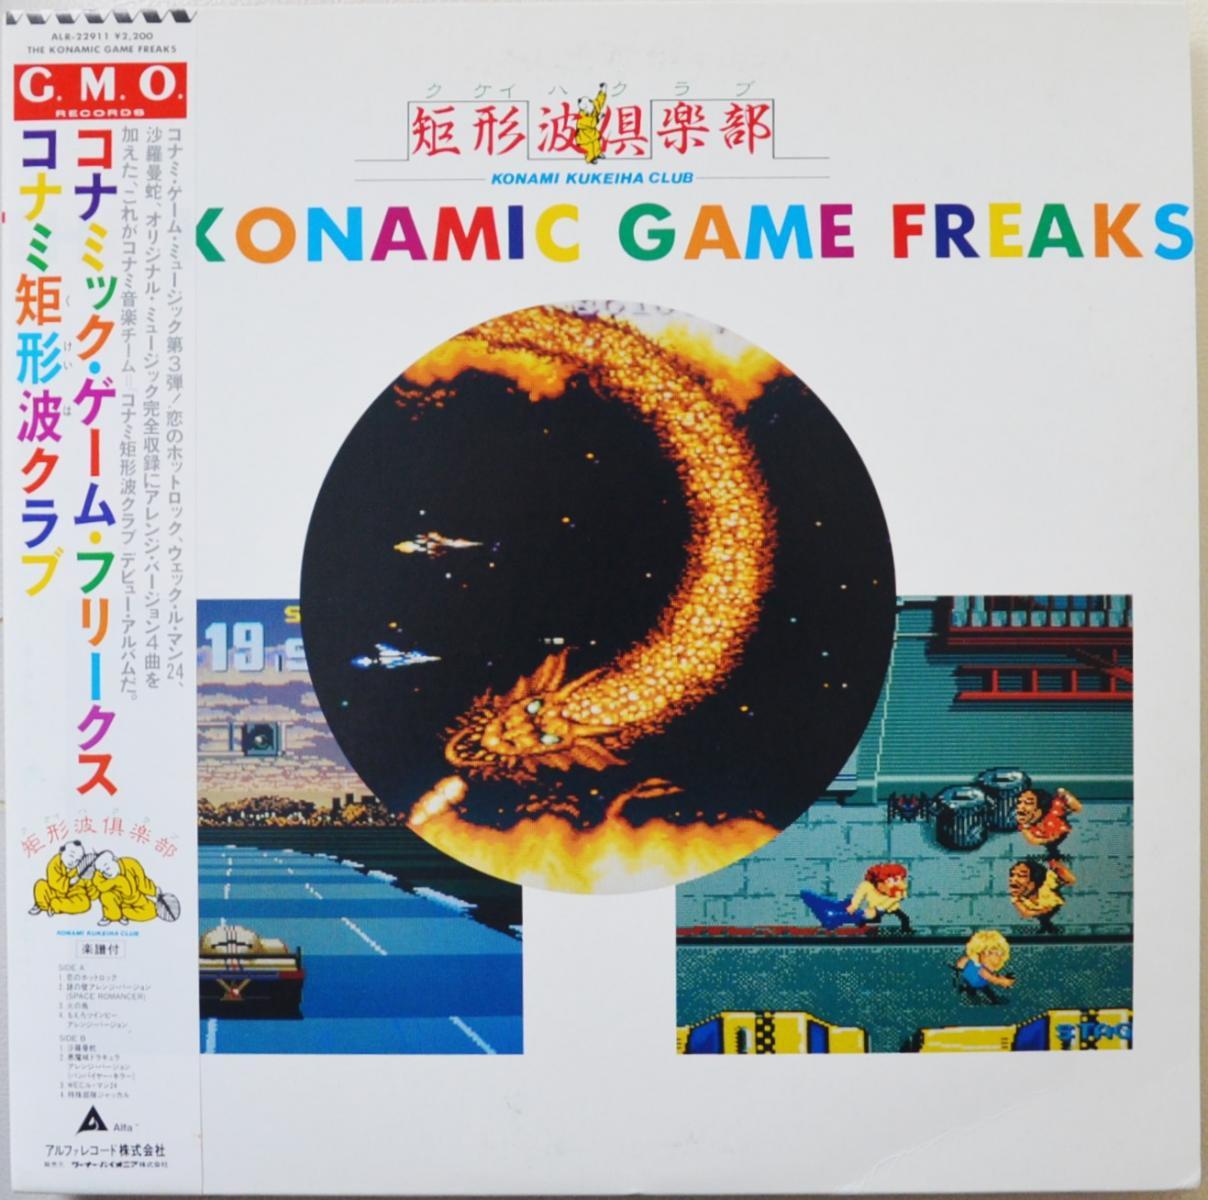 コナミ矩形波俱楽部 KONAMI KUKEIHA CLUB / コナミック・ゲーム・フリークス THE KONAMIC GAME FREAKS (LP)